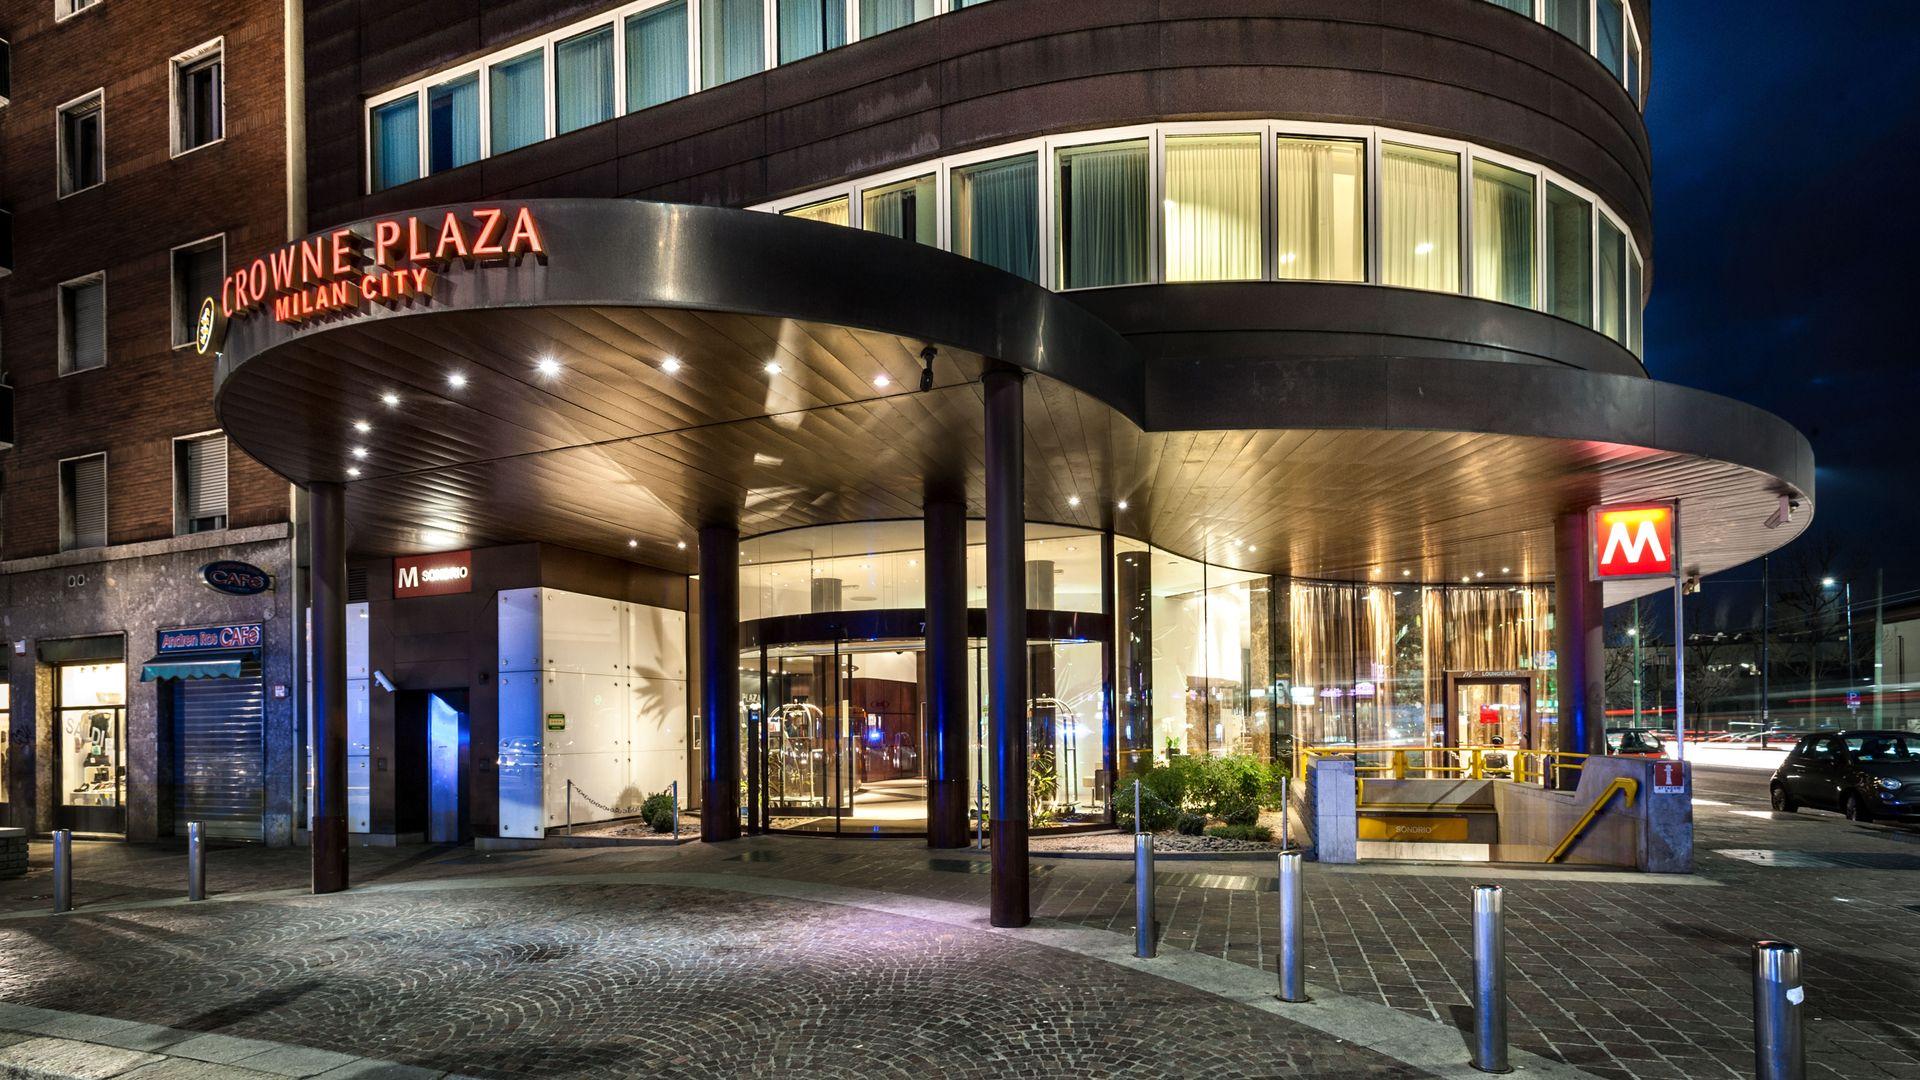 هتل گرند پلازا میلان